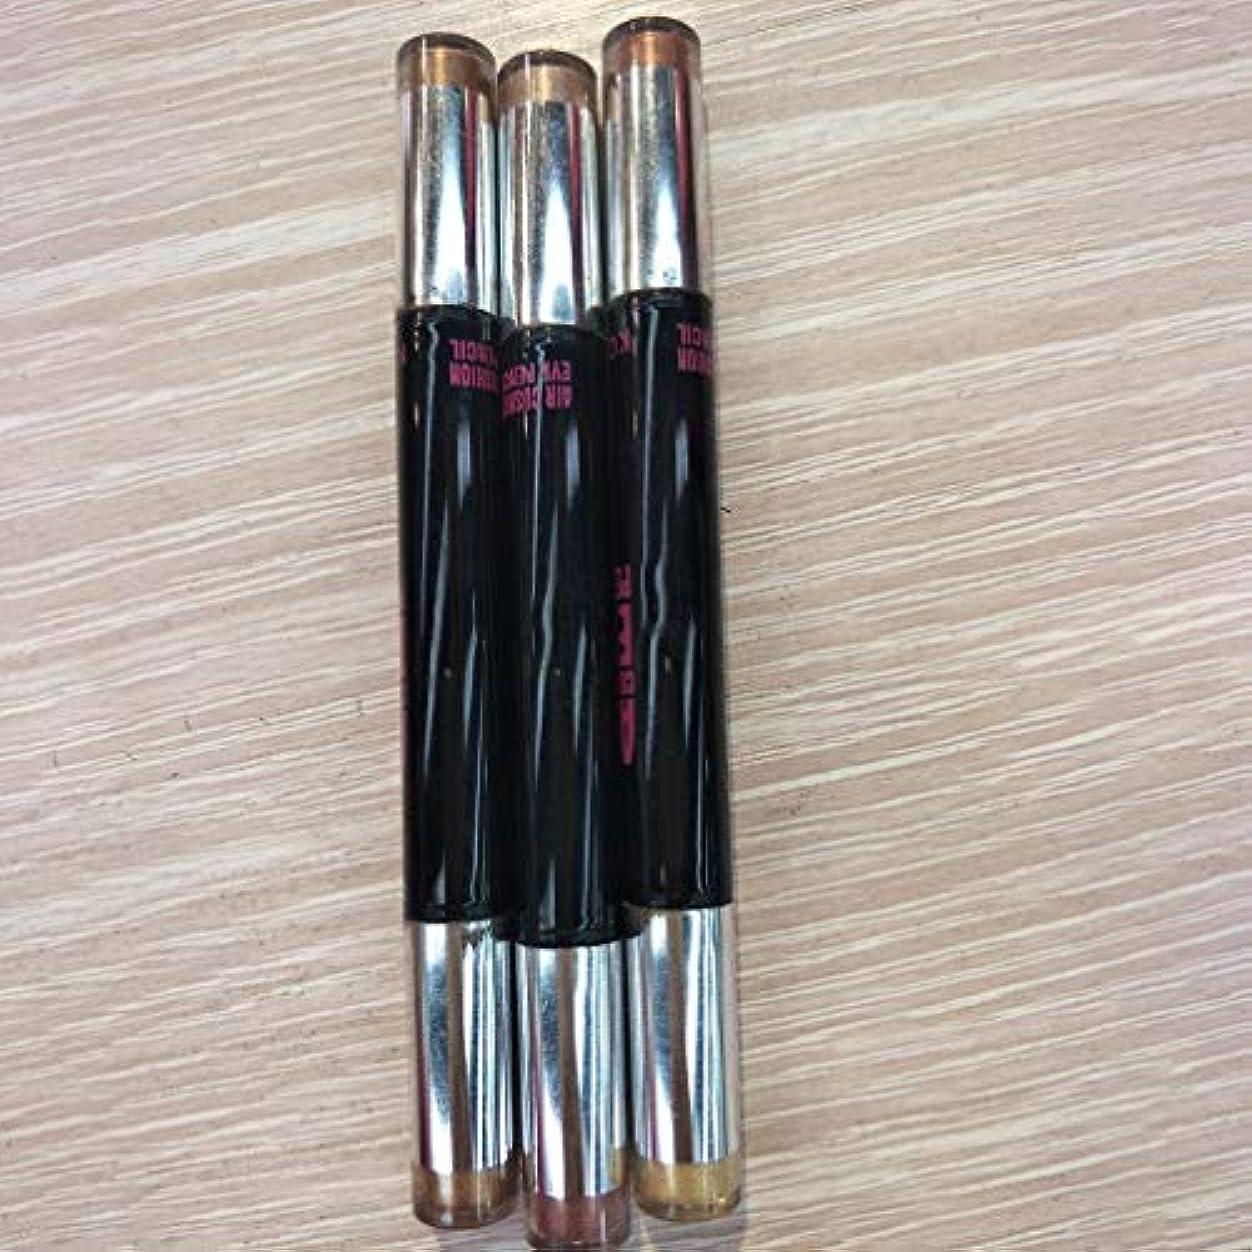 甘美なカカドゥガソリンダブルヘッドアイシャドウスティックナチュラルエアクッショングリッターアイシャドウペンメイク鉛筆化粧品のツールを長持ち